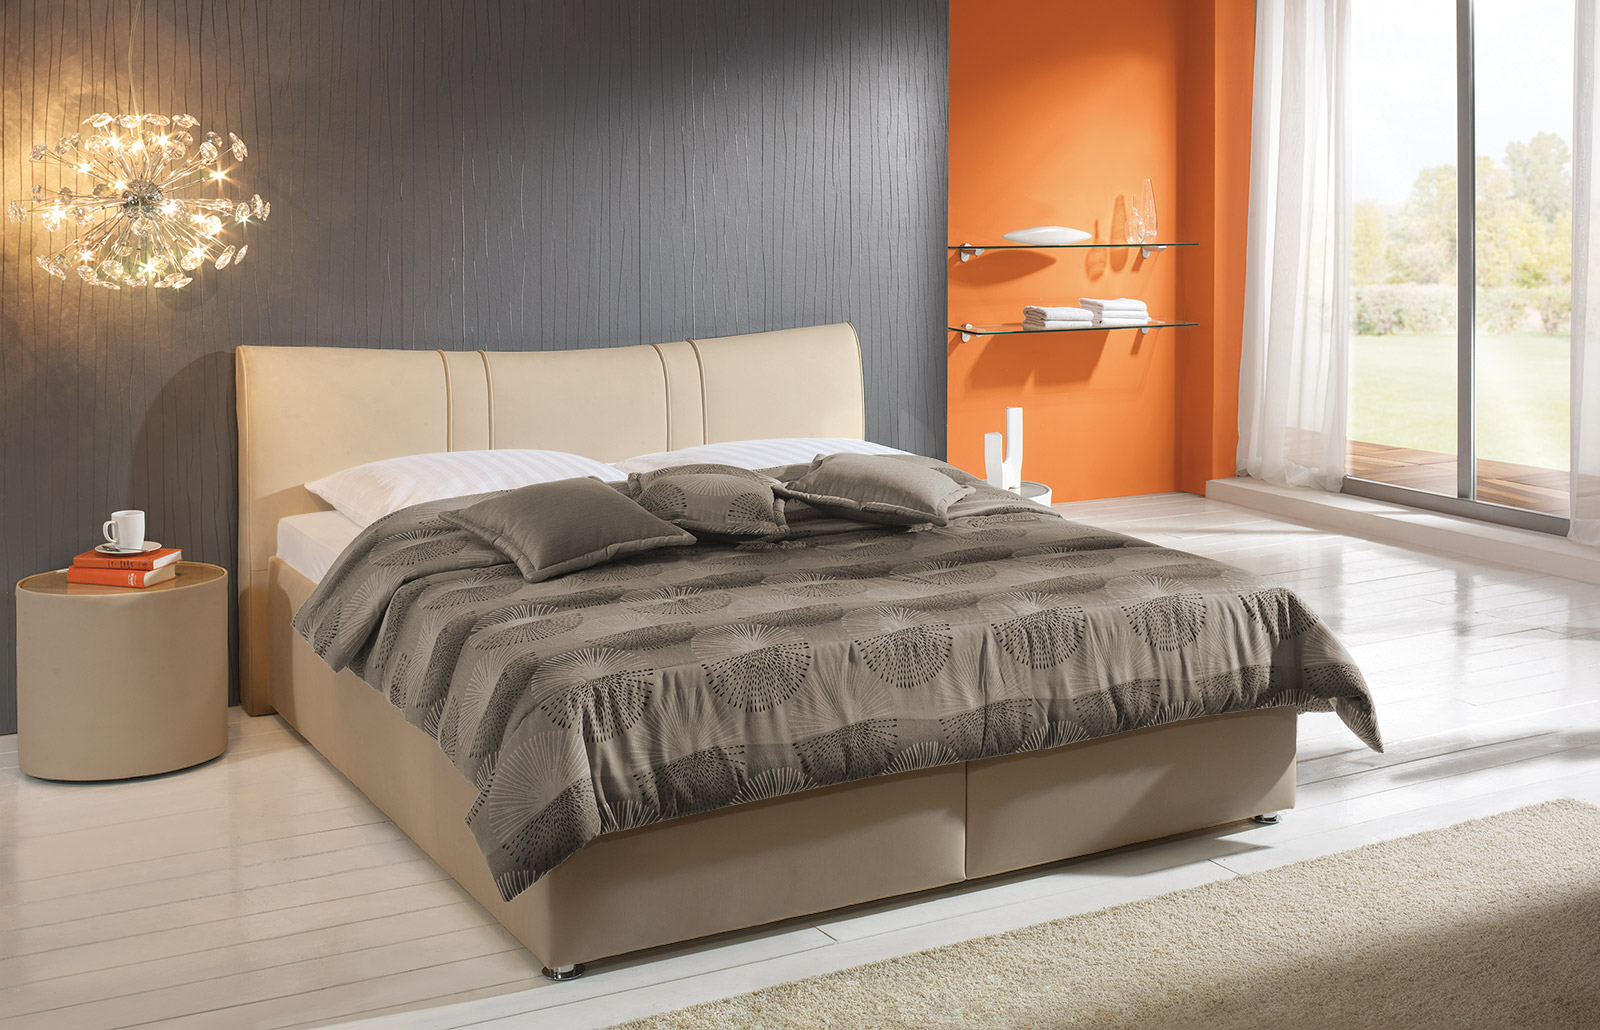 bett venetien wei es polsterbett mit bettkasten g nstig. Black Bedroom Furniture Sets. Home Design Ideas